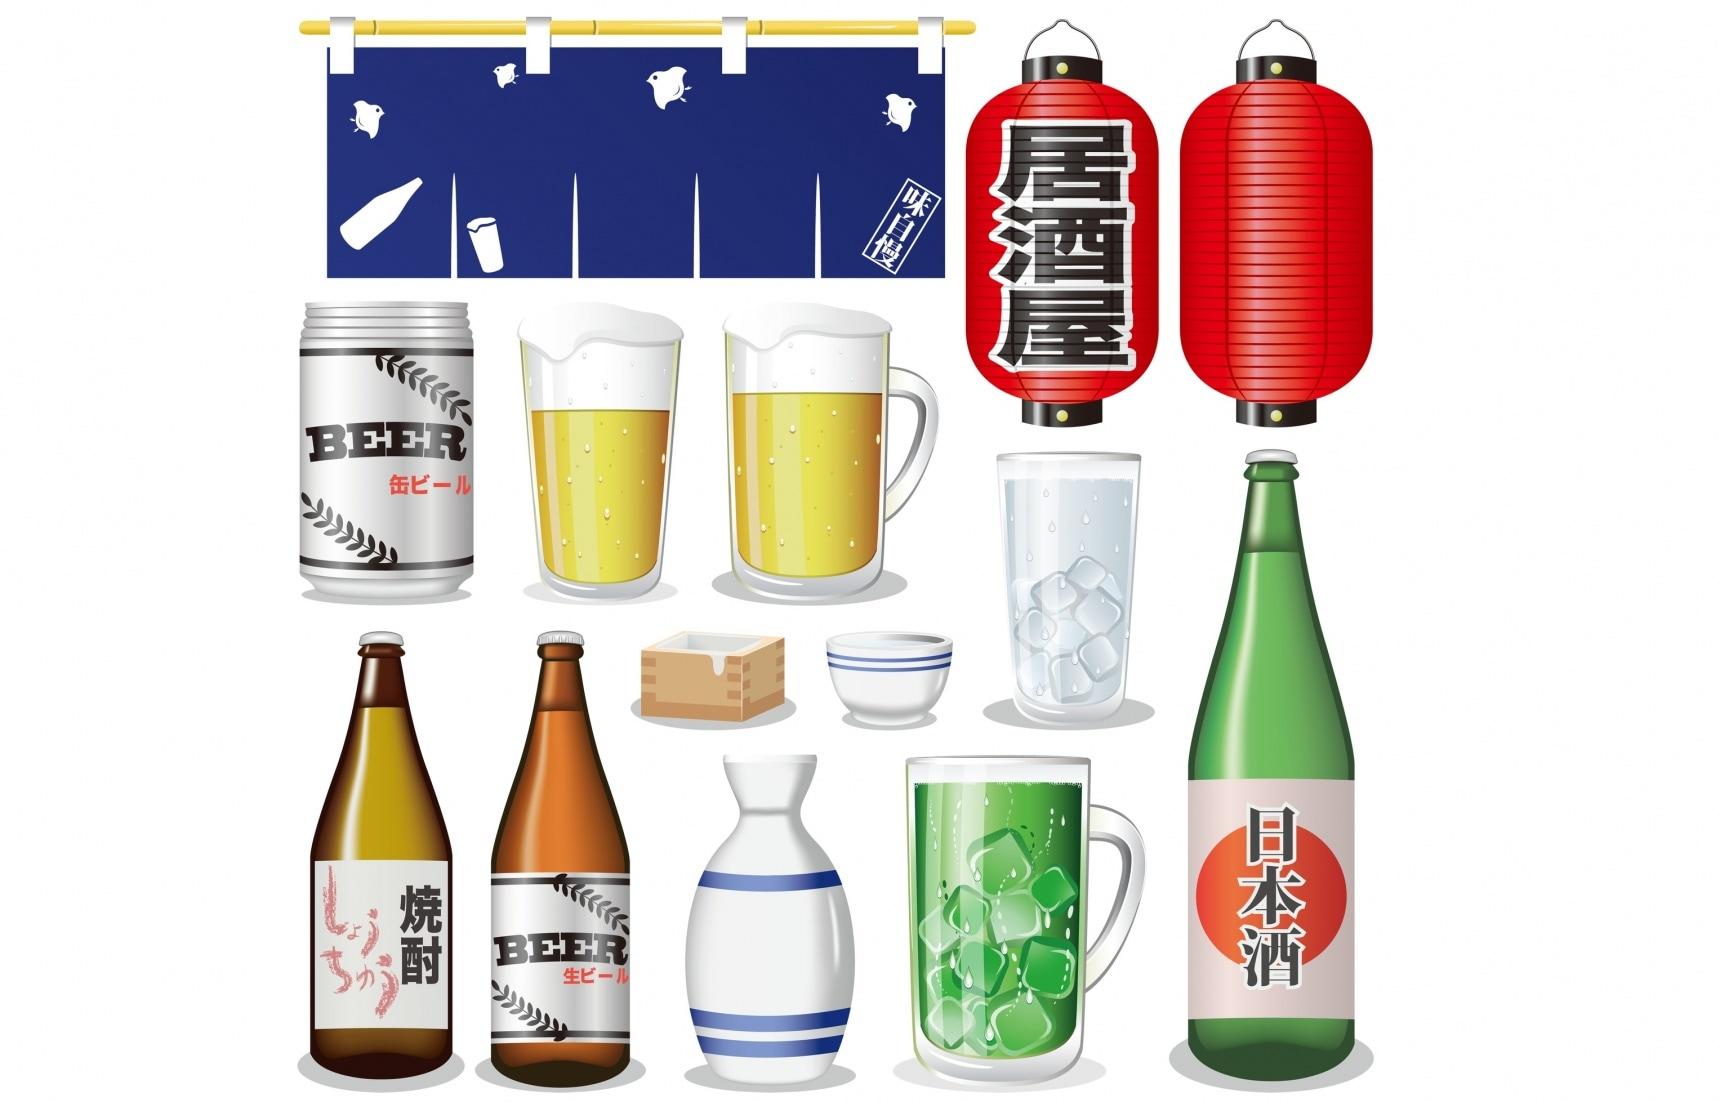 คนญี่ปุ่นดื่มอะไรกัน รู้จักเหล้ายอดนิยม10ชนิด